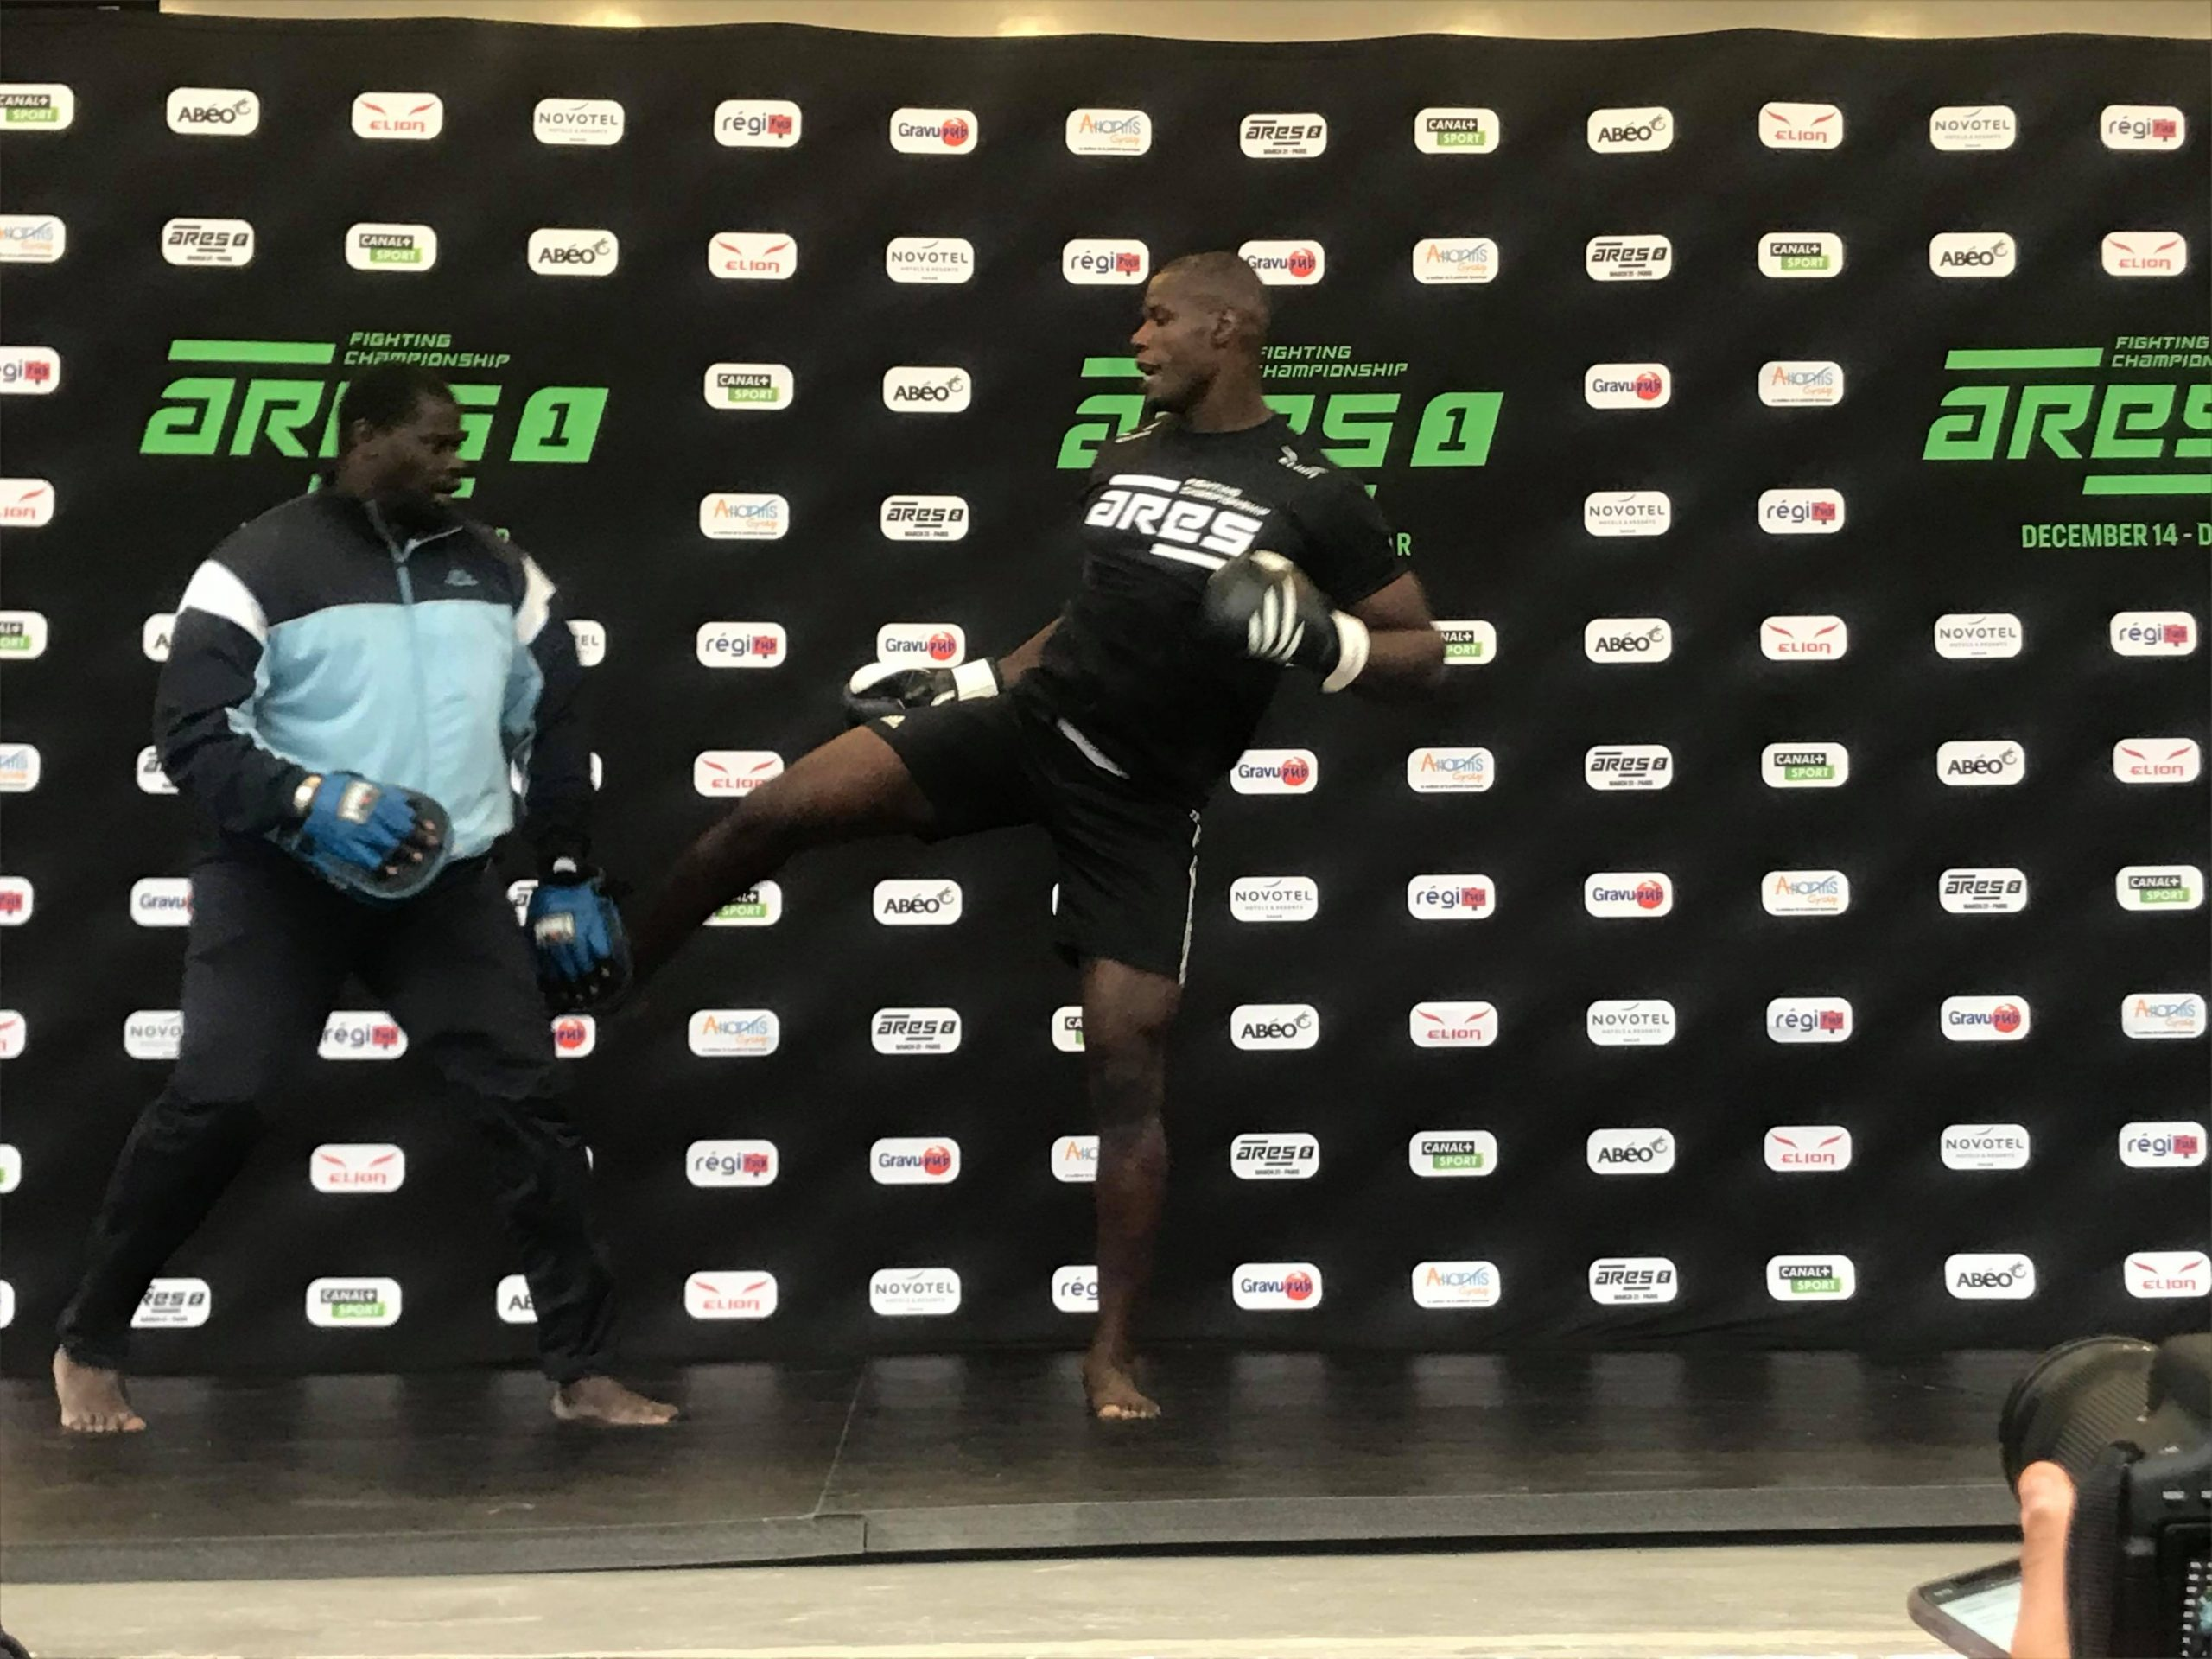 79008657 3353884011350743 7942772961402945536 n scaled - MMA : Reug Reug et son adversaire Sofiane, présentés au public (13 Photos)